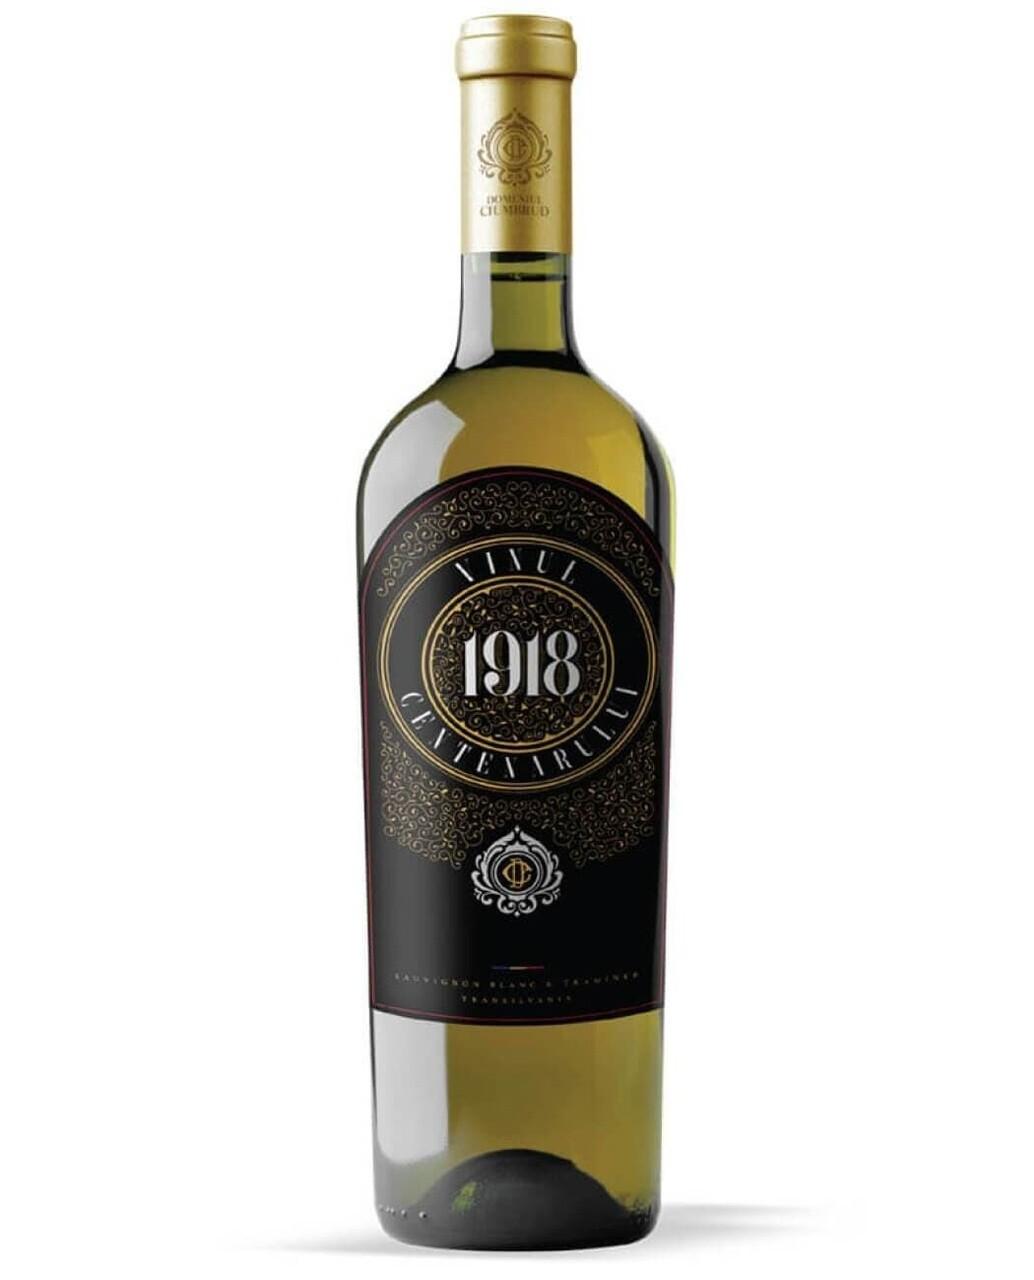 Domeniul Ciumbrud 1918 Vinul Centenarului 2016